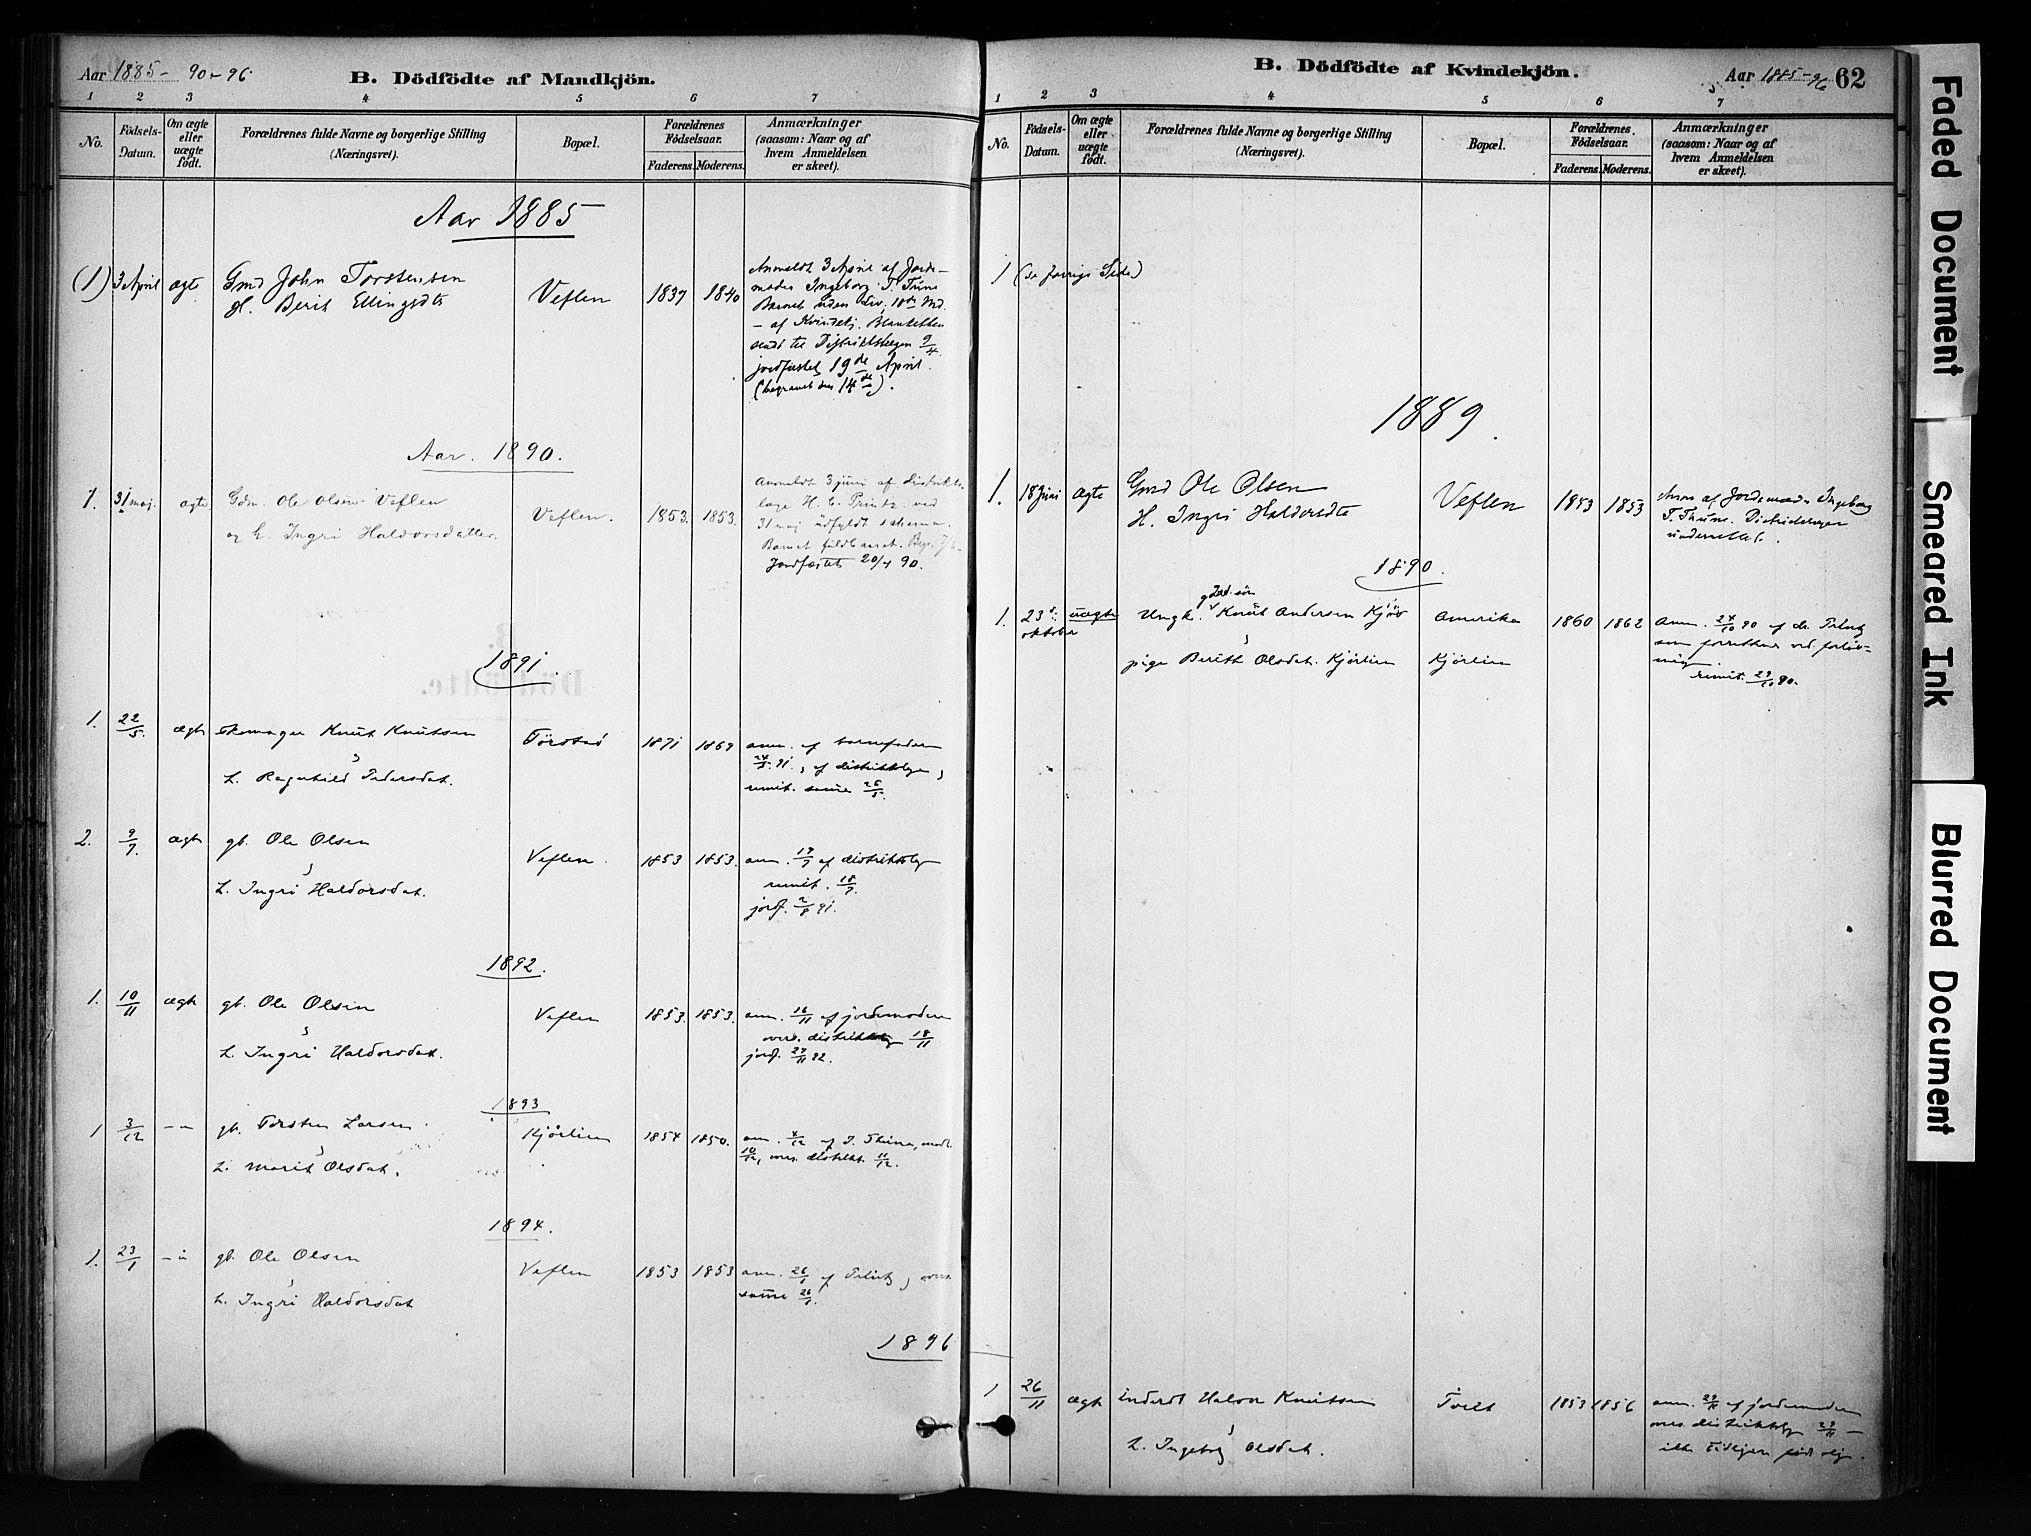 SAH, Vang prestekontor, Valdres, Ministerialbok nr. 9, 1882-1914, s. 62